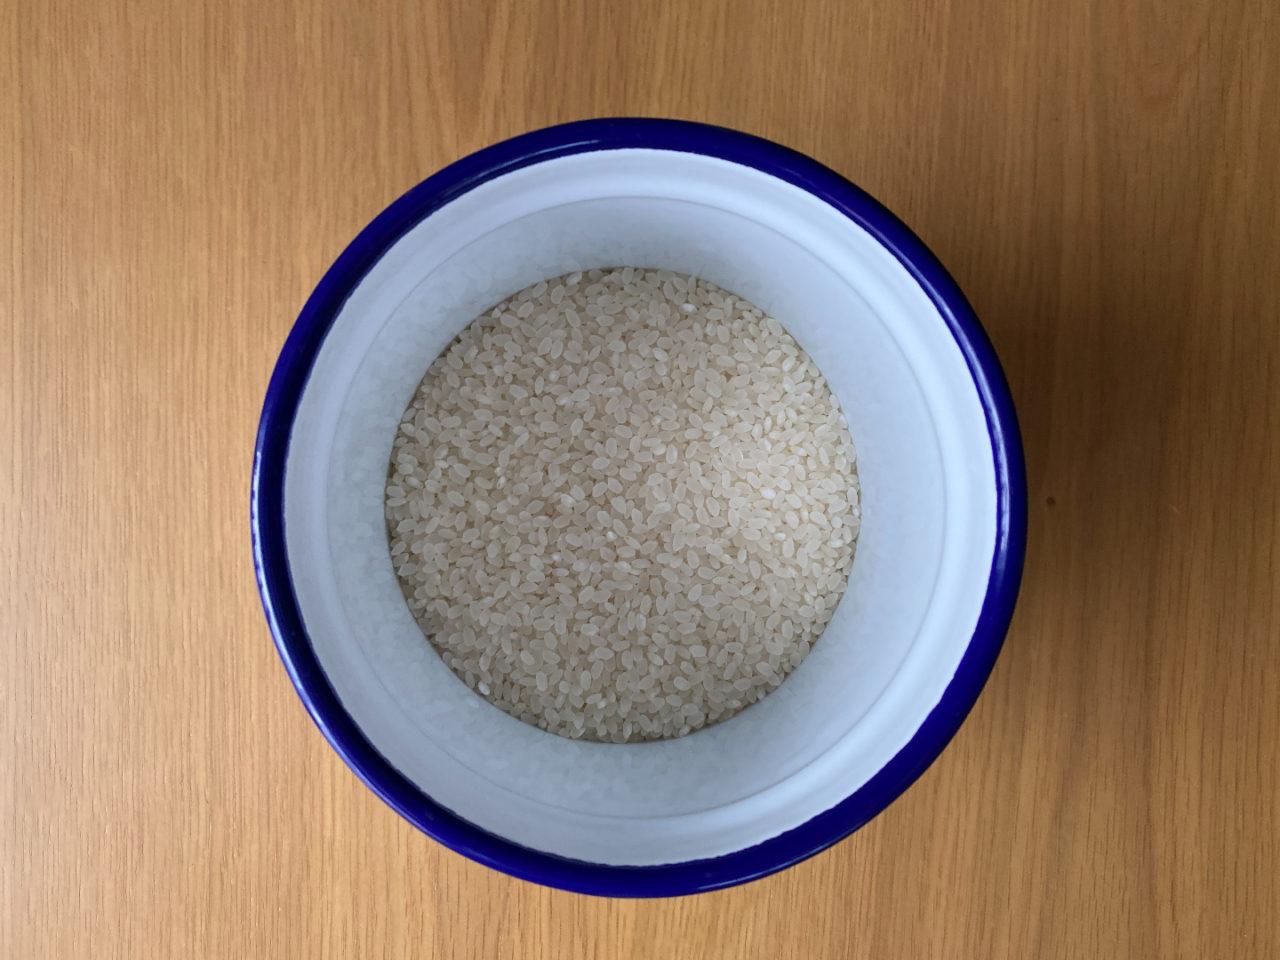 ホーローの米びつに米を収納しているようす